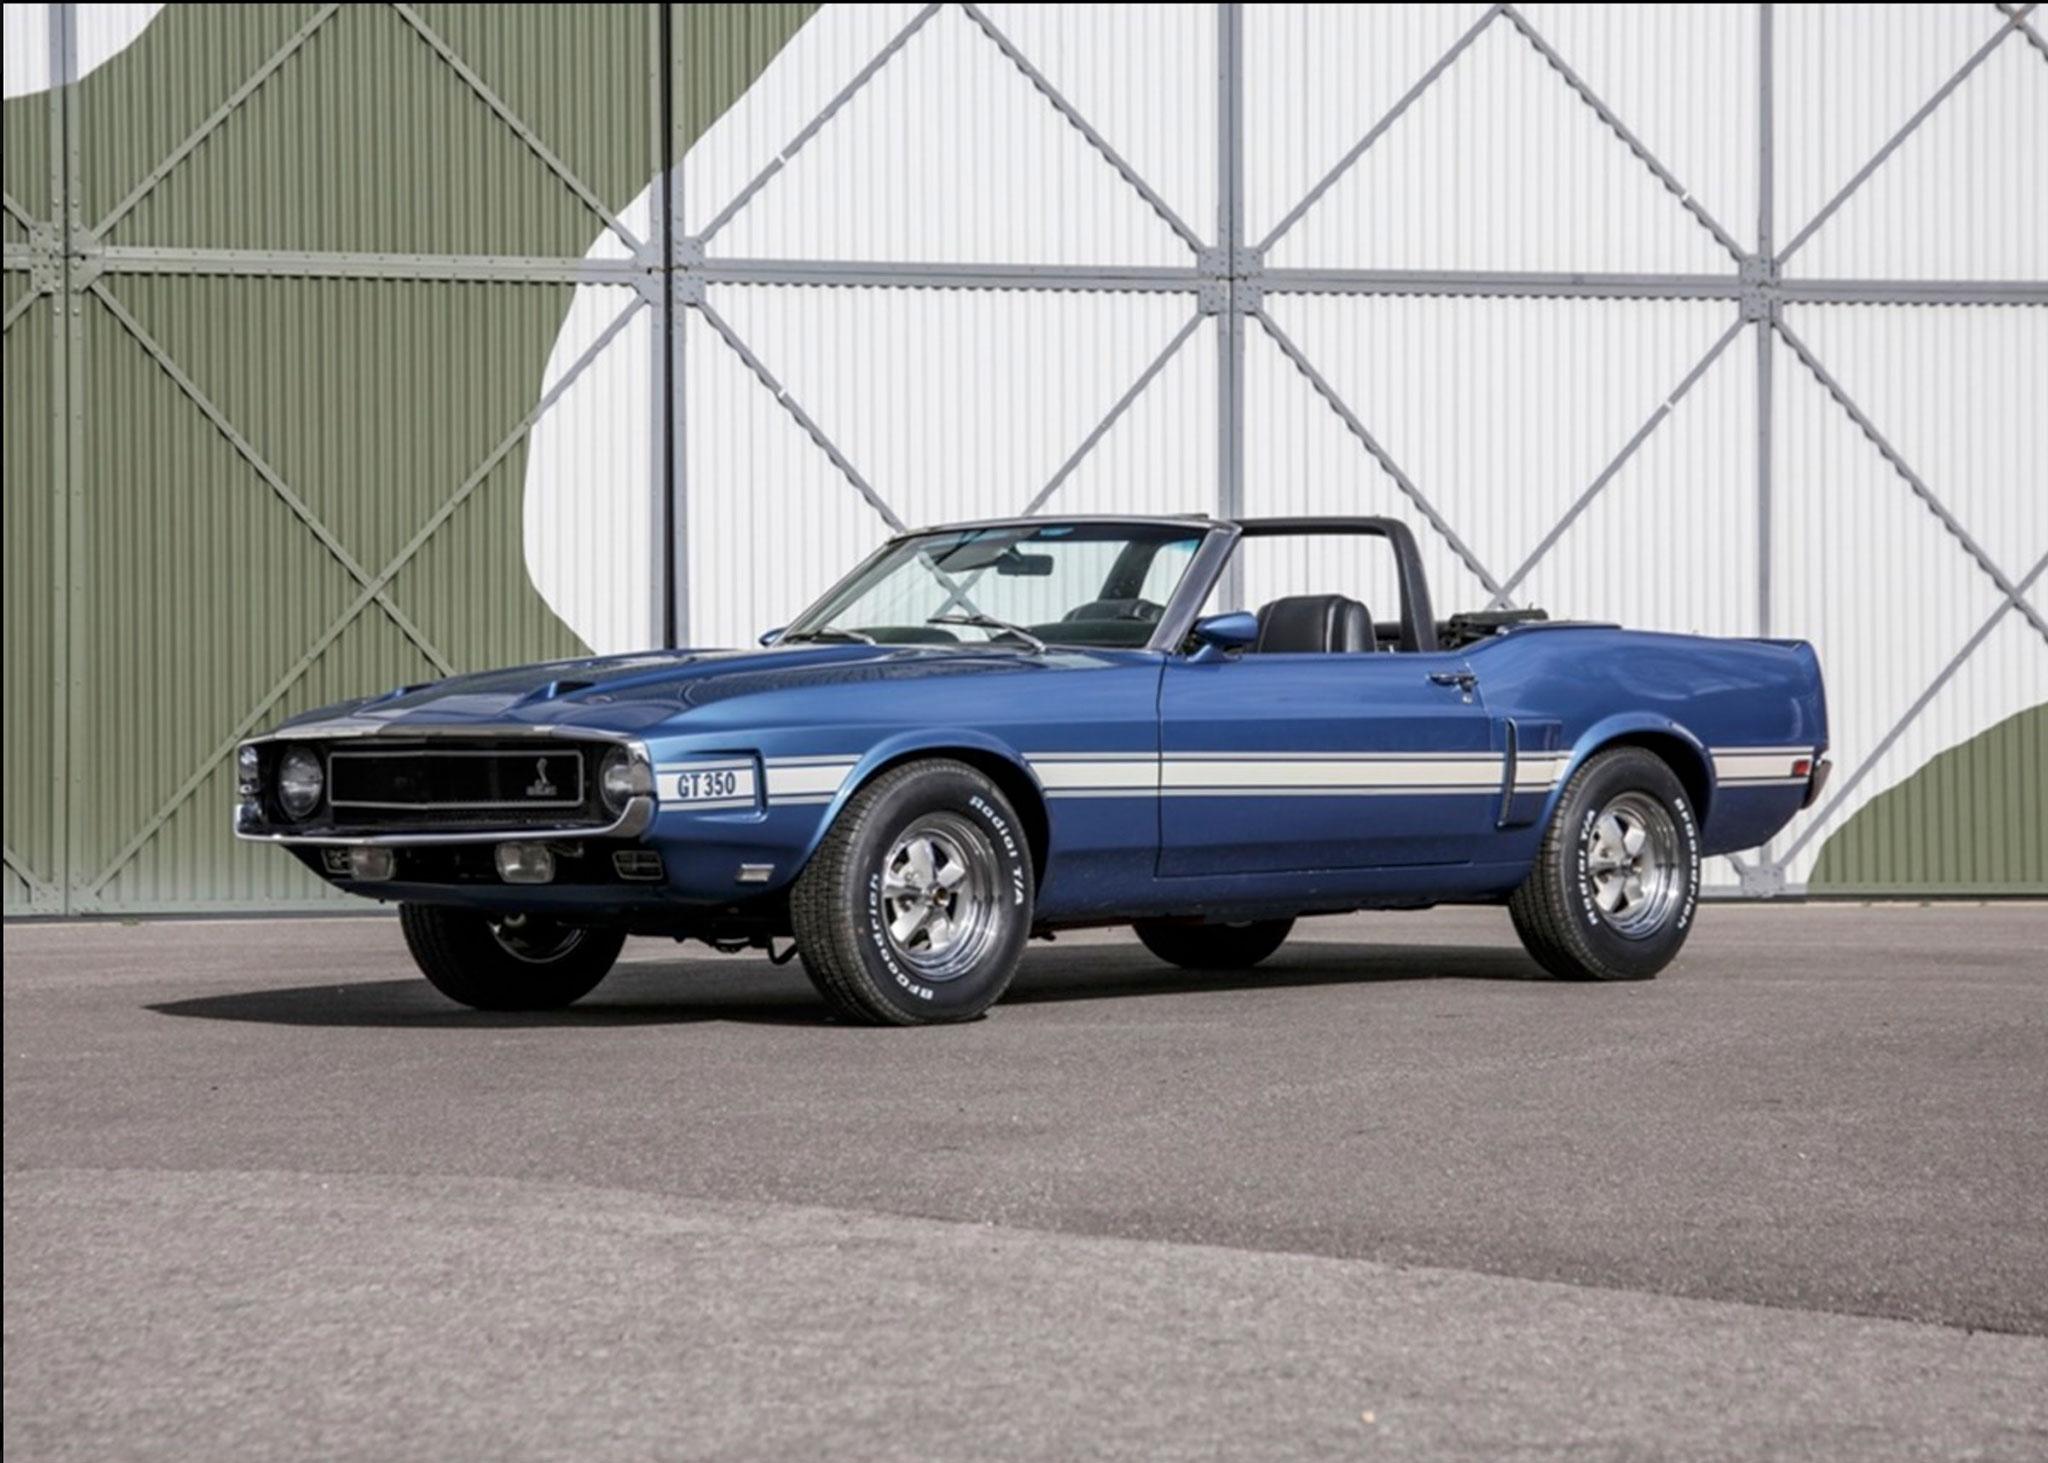 1969 Shelby GT350 Convertible Bleu Acapulco intérieur noir - Coups de Coeur Historics Auctioneers.